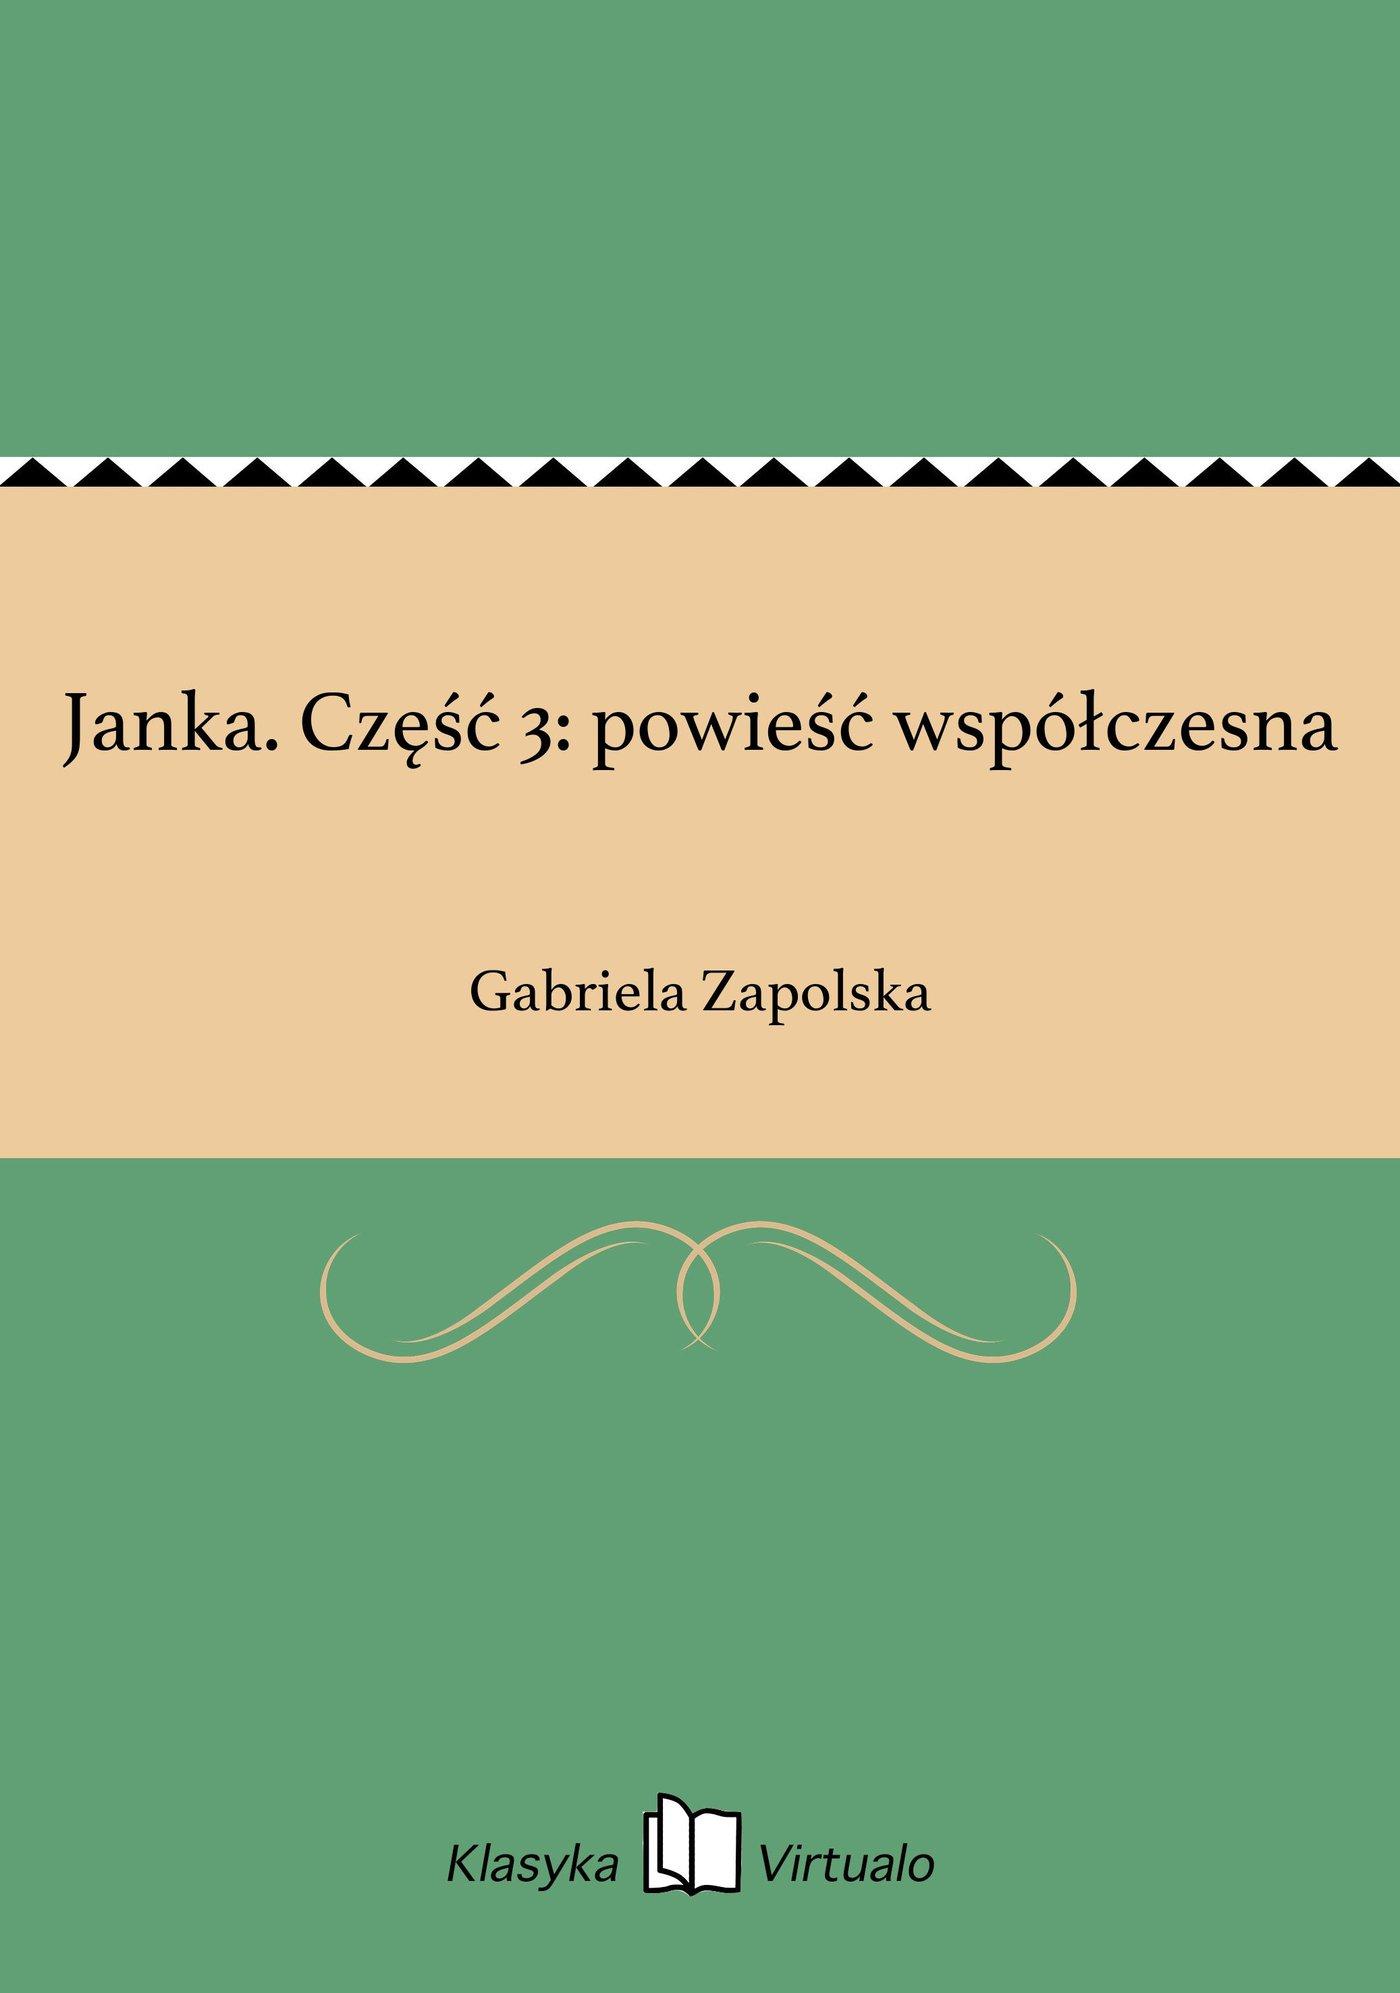 Janka. Część 3: powieść współczesna - Ebook (Książka EPUB) do pobrania w formacie EPUB